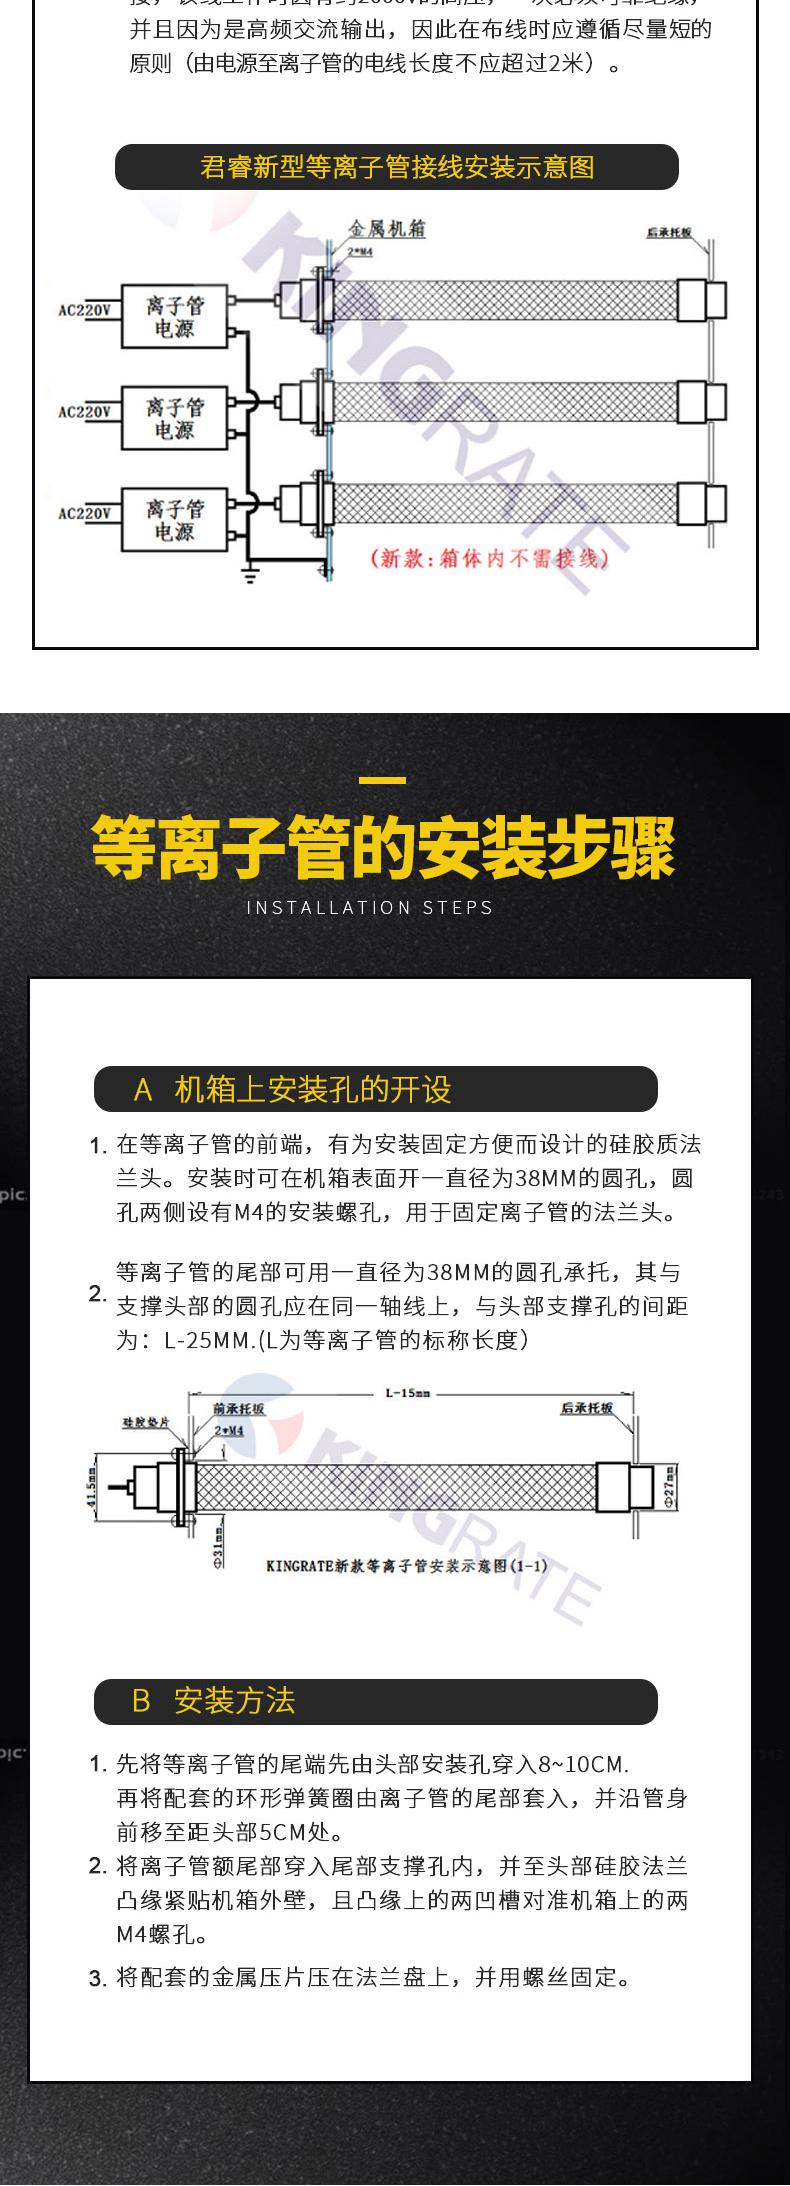 橡胶硫化废气处理方法